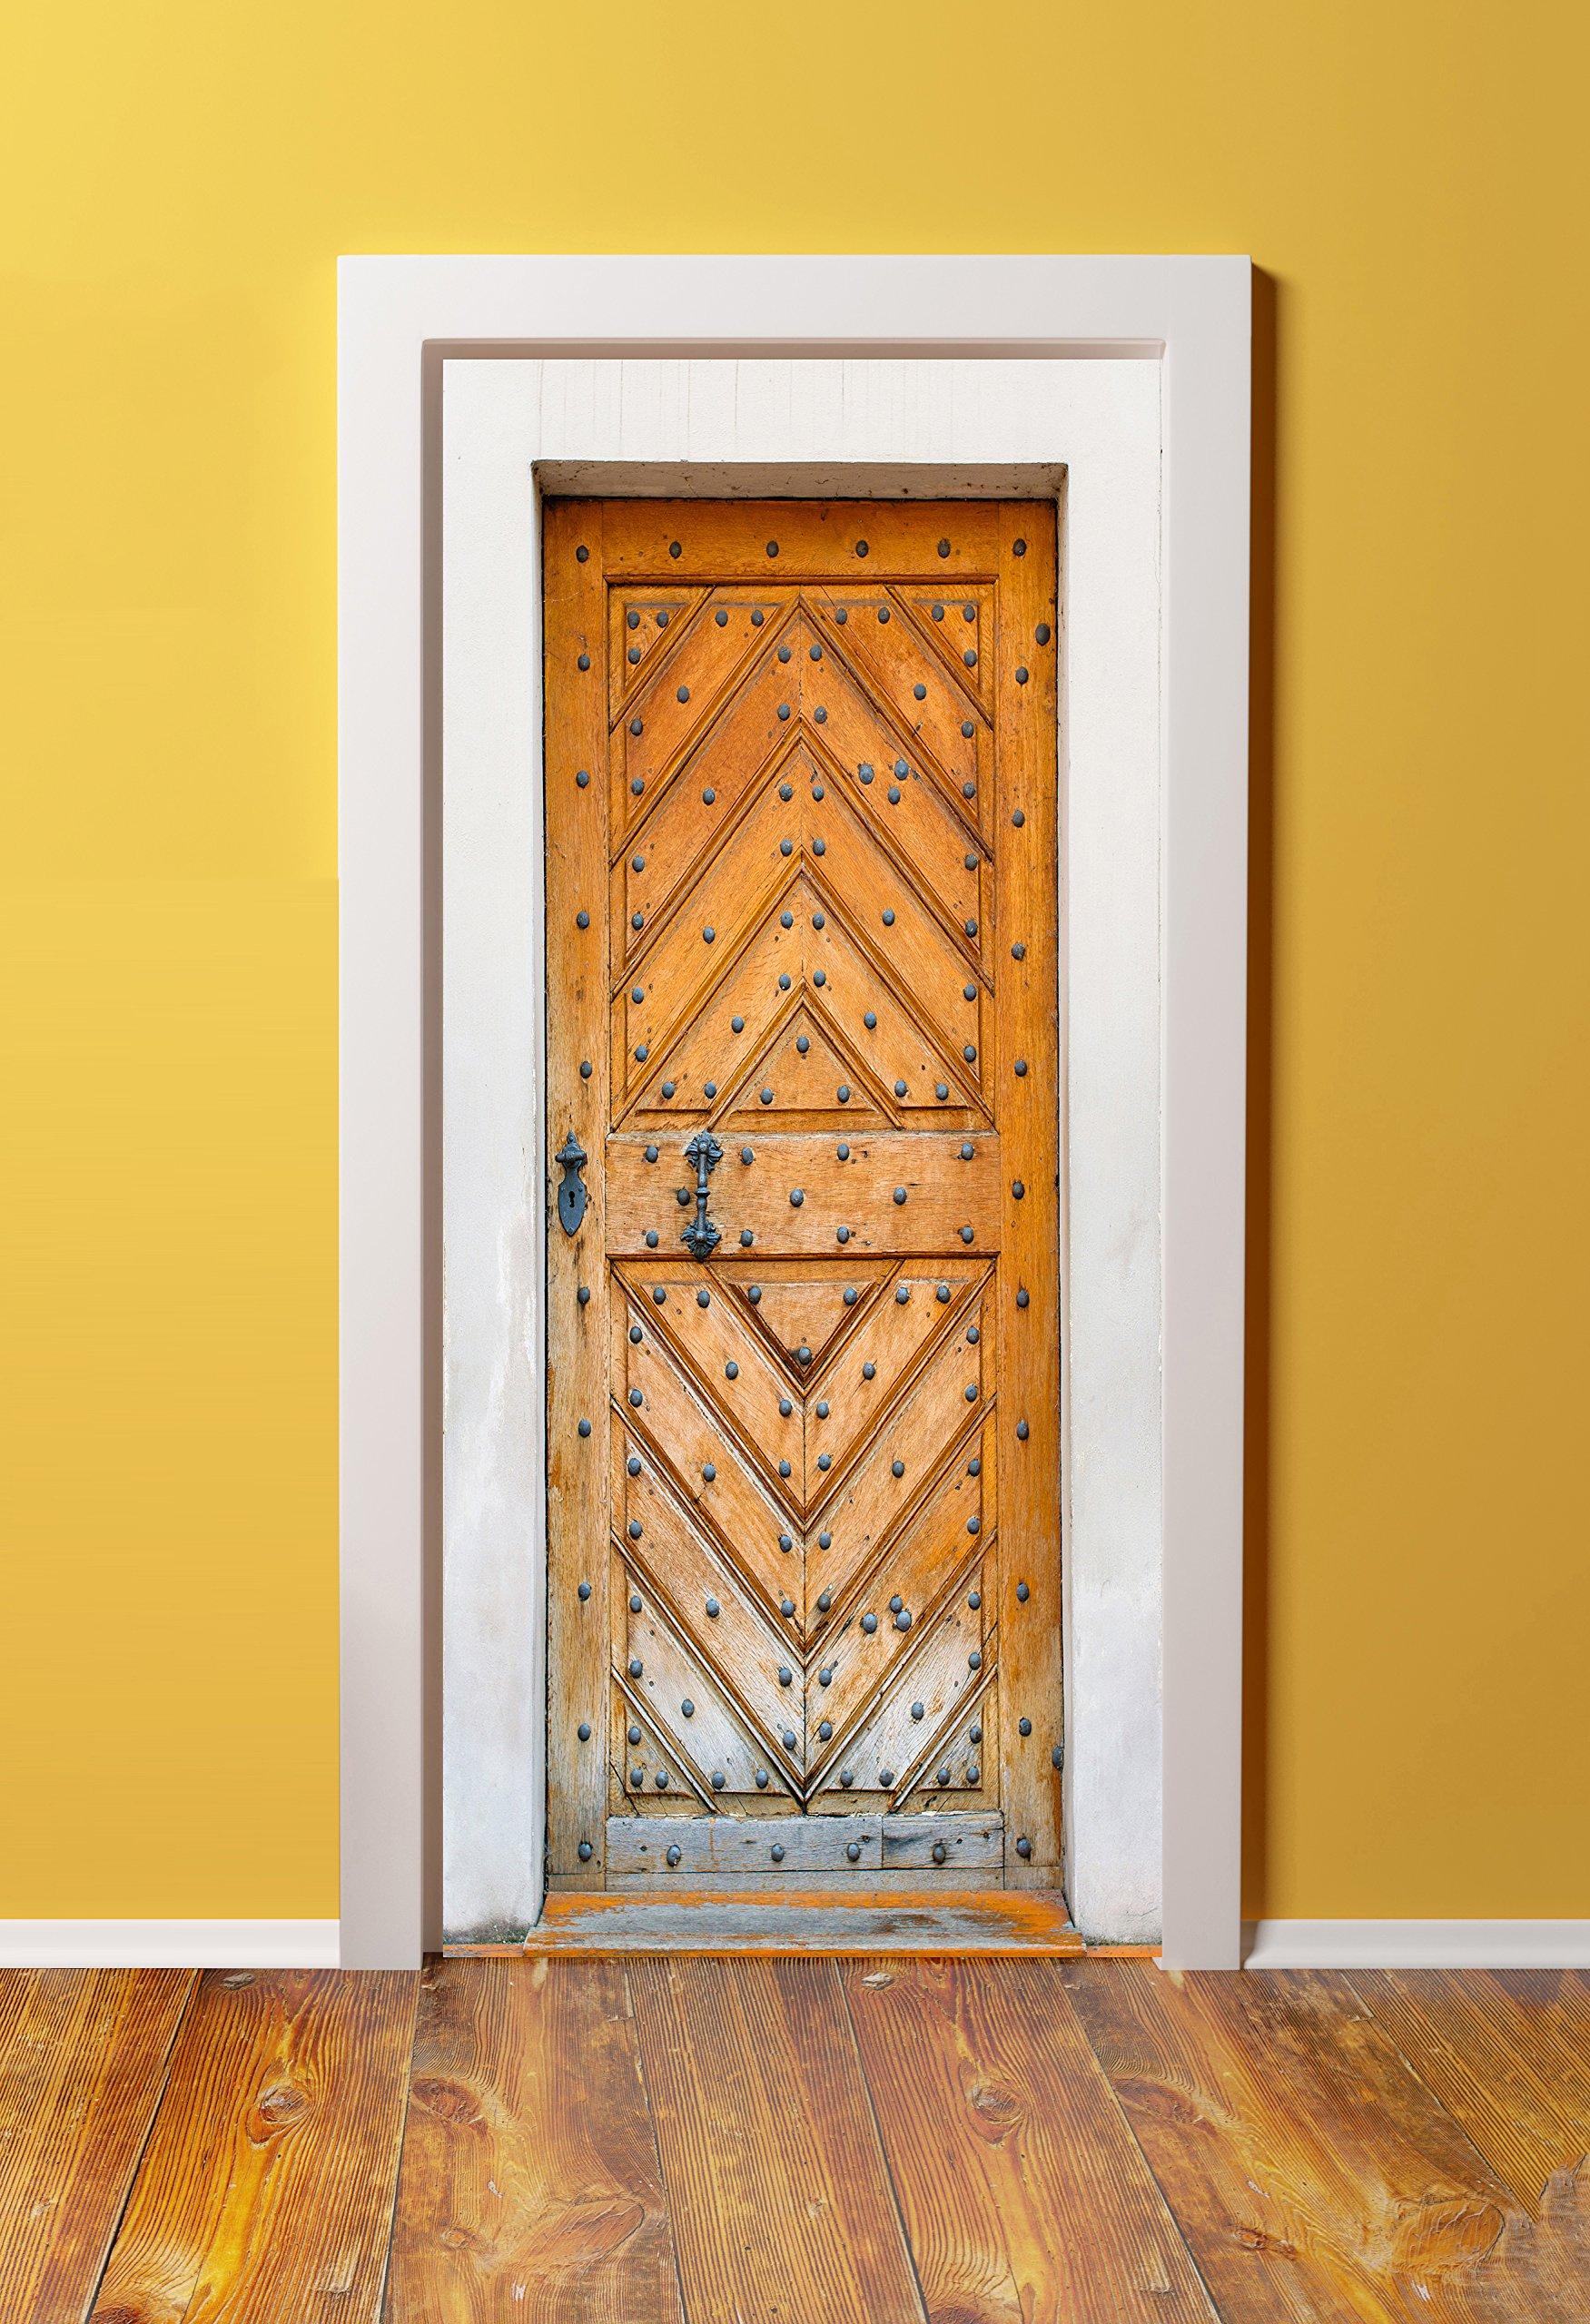 DoorPix 36x80 / 36 x 80'' 3D Door Mural Wrap Glossy Bubble Free Sticker Antique Weathered Oak Door - PEEL and STICK - Easy-to-clean, Durable